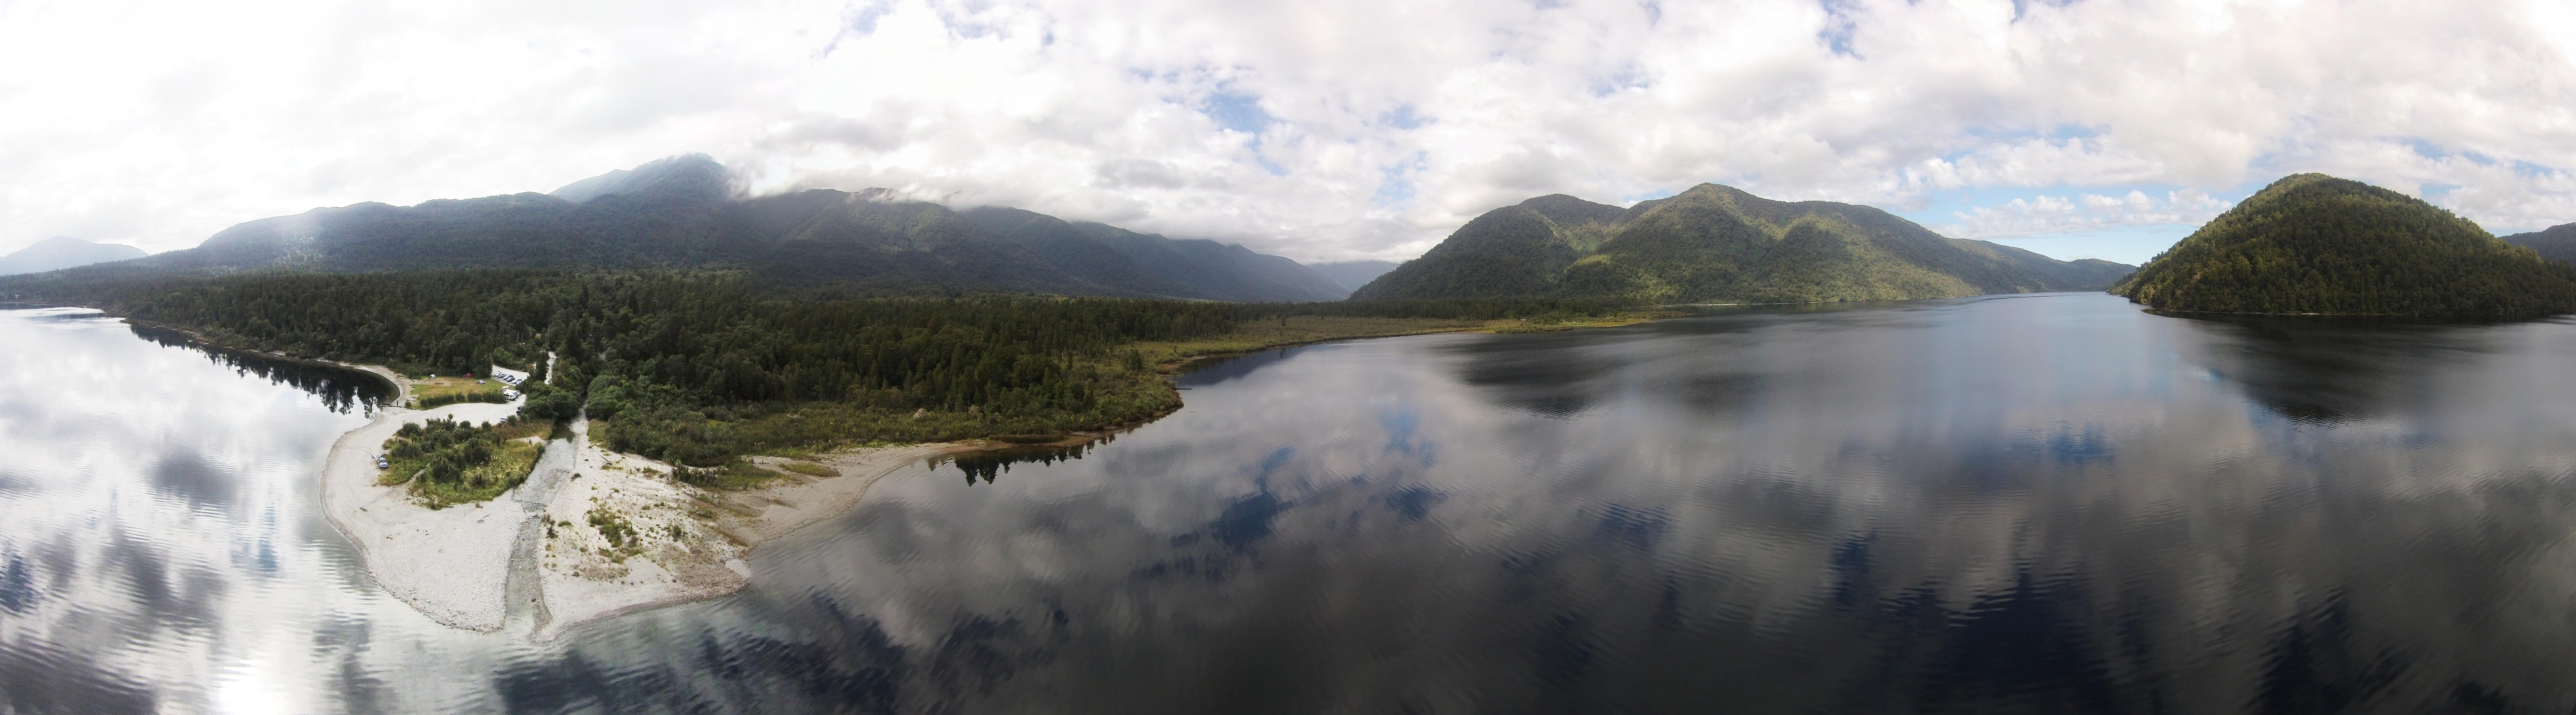 Lake Paringa, New Zealand, South Island